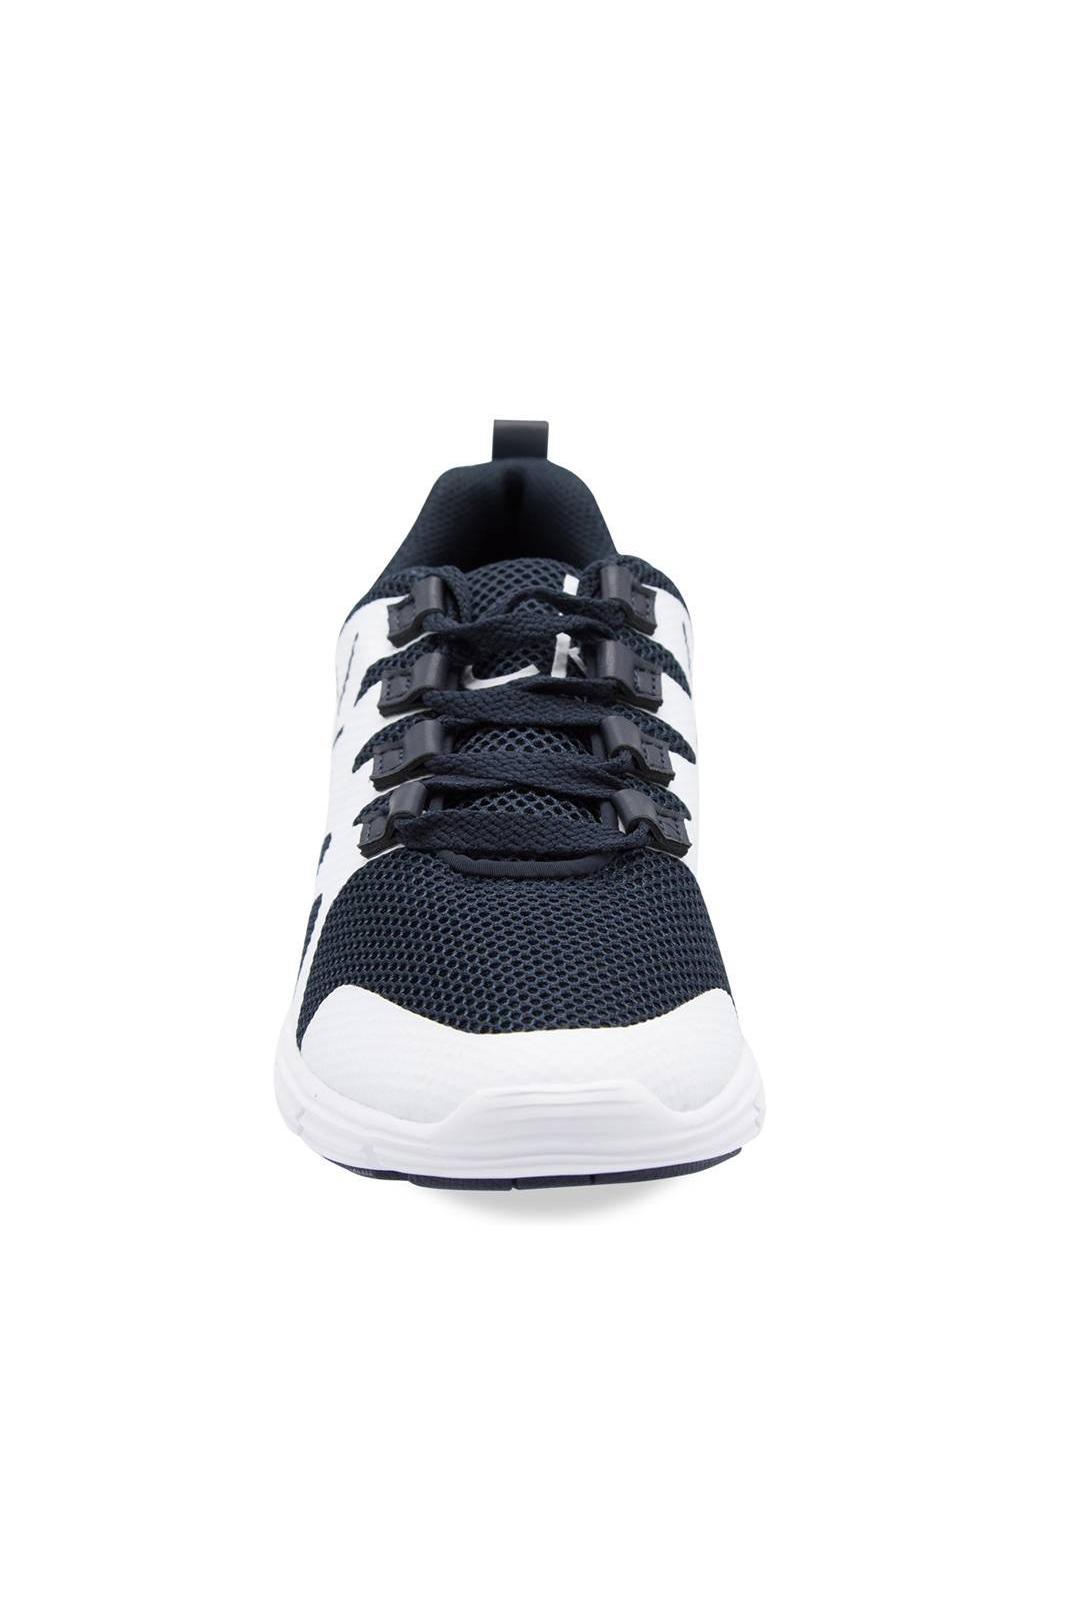 Baskets / Sport  Calvin klein MURPHY MESH NAVY/WHITE